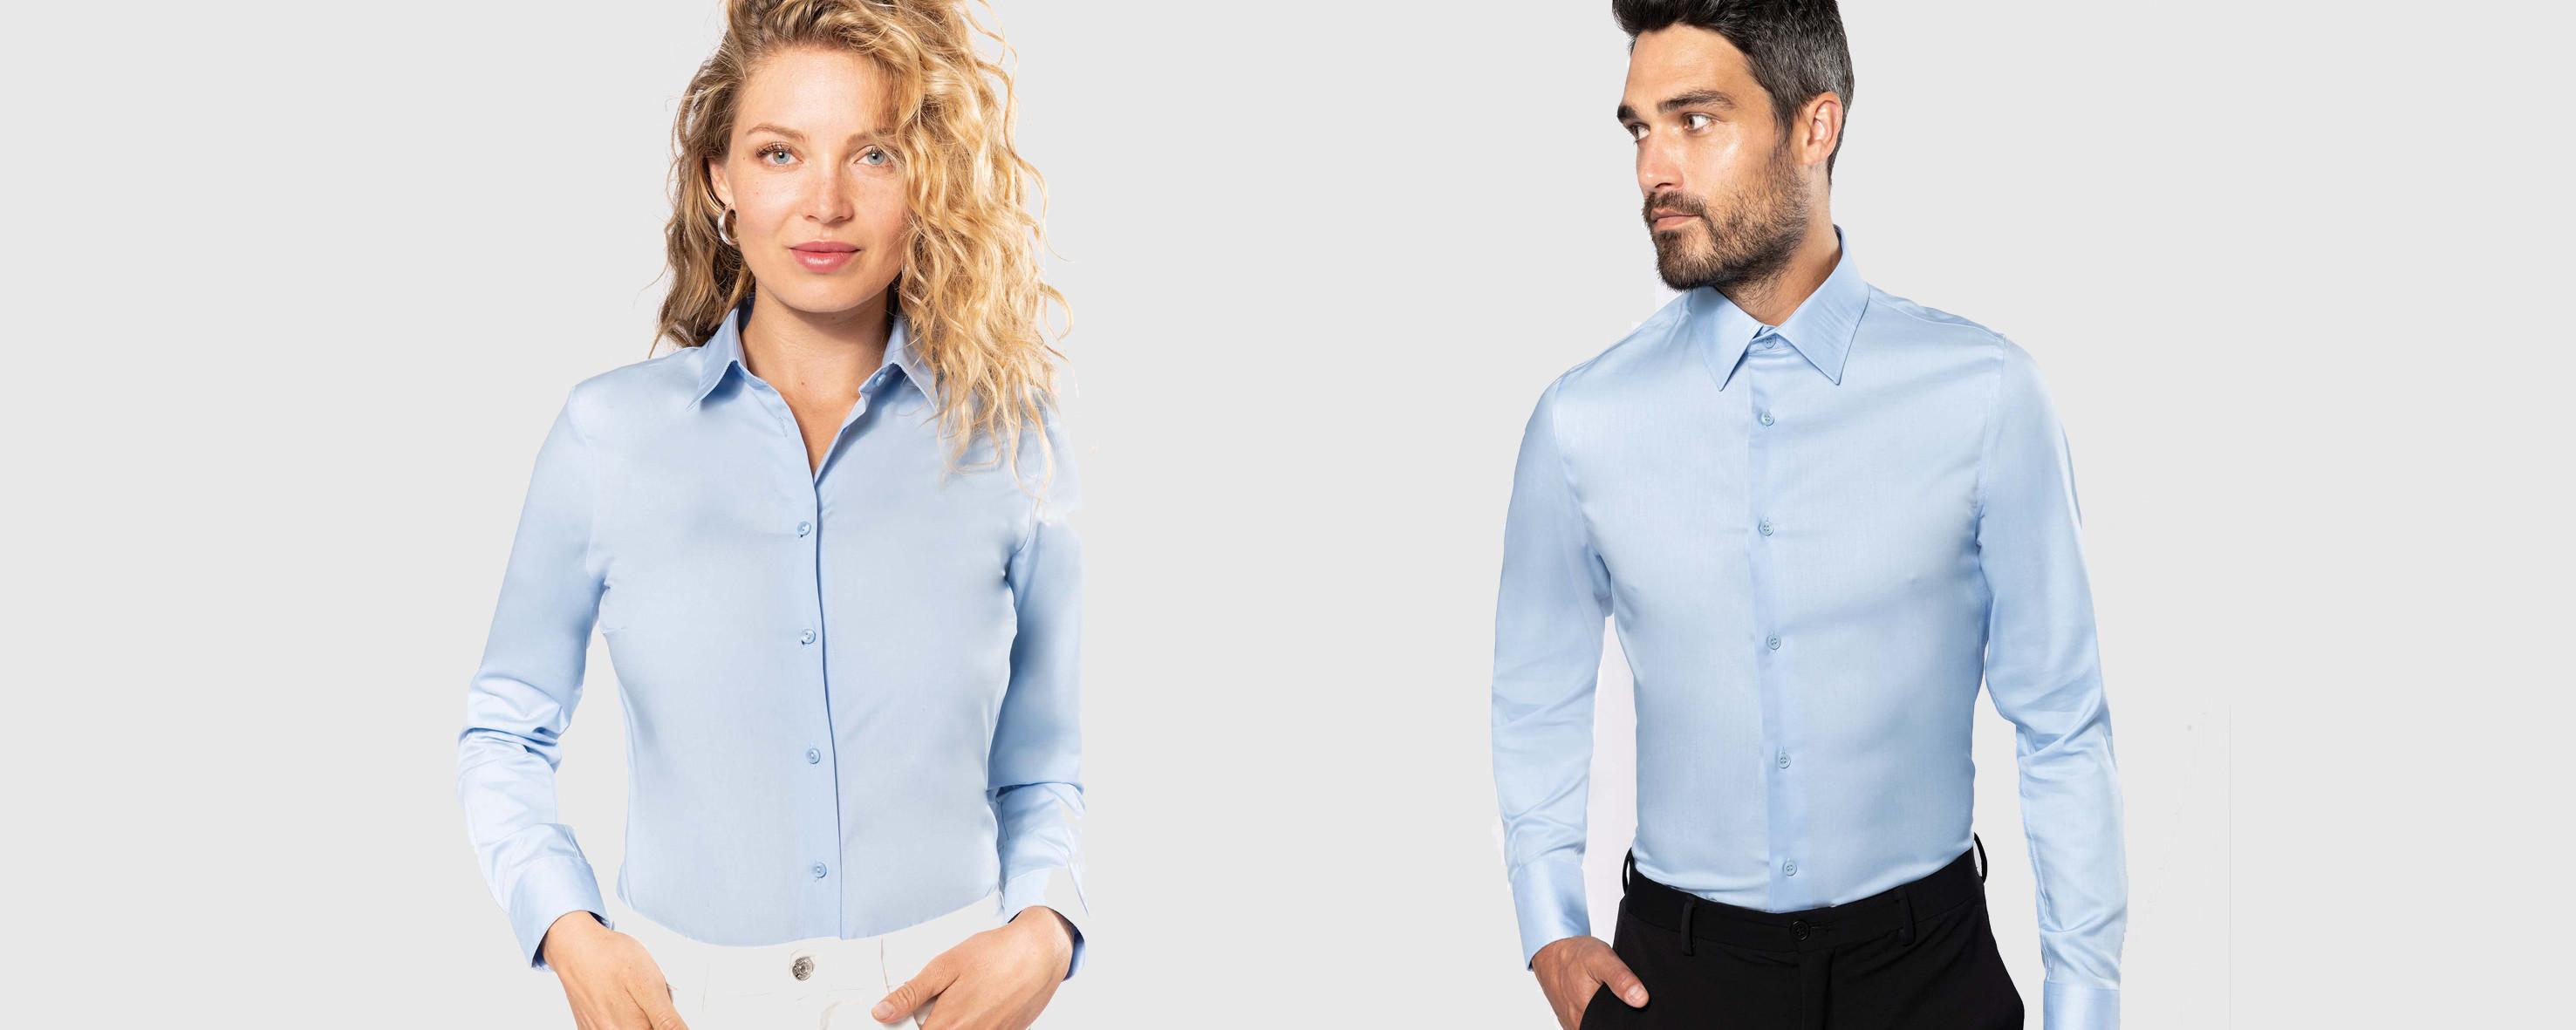 vêtement corporate personnalisé